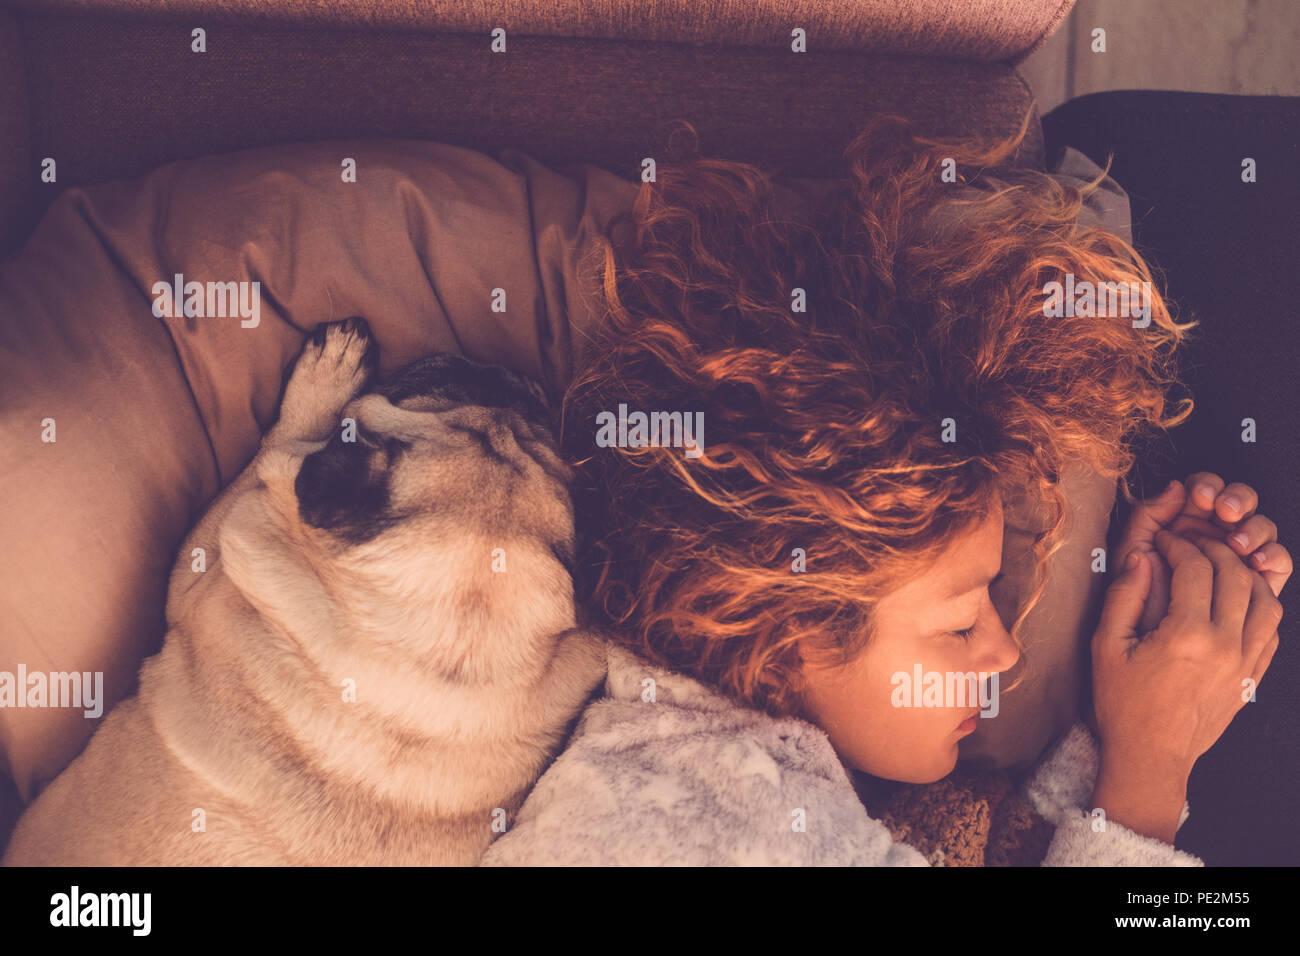 I concetti di amicizia per 40s donna che dorme con i suoi migliori amici pug cane a casa. Entrambi sul cuscino e marrone e i toni caldi. Sognare insieme. Amore e Immagini Stock